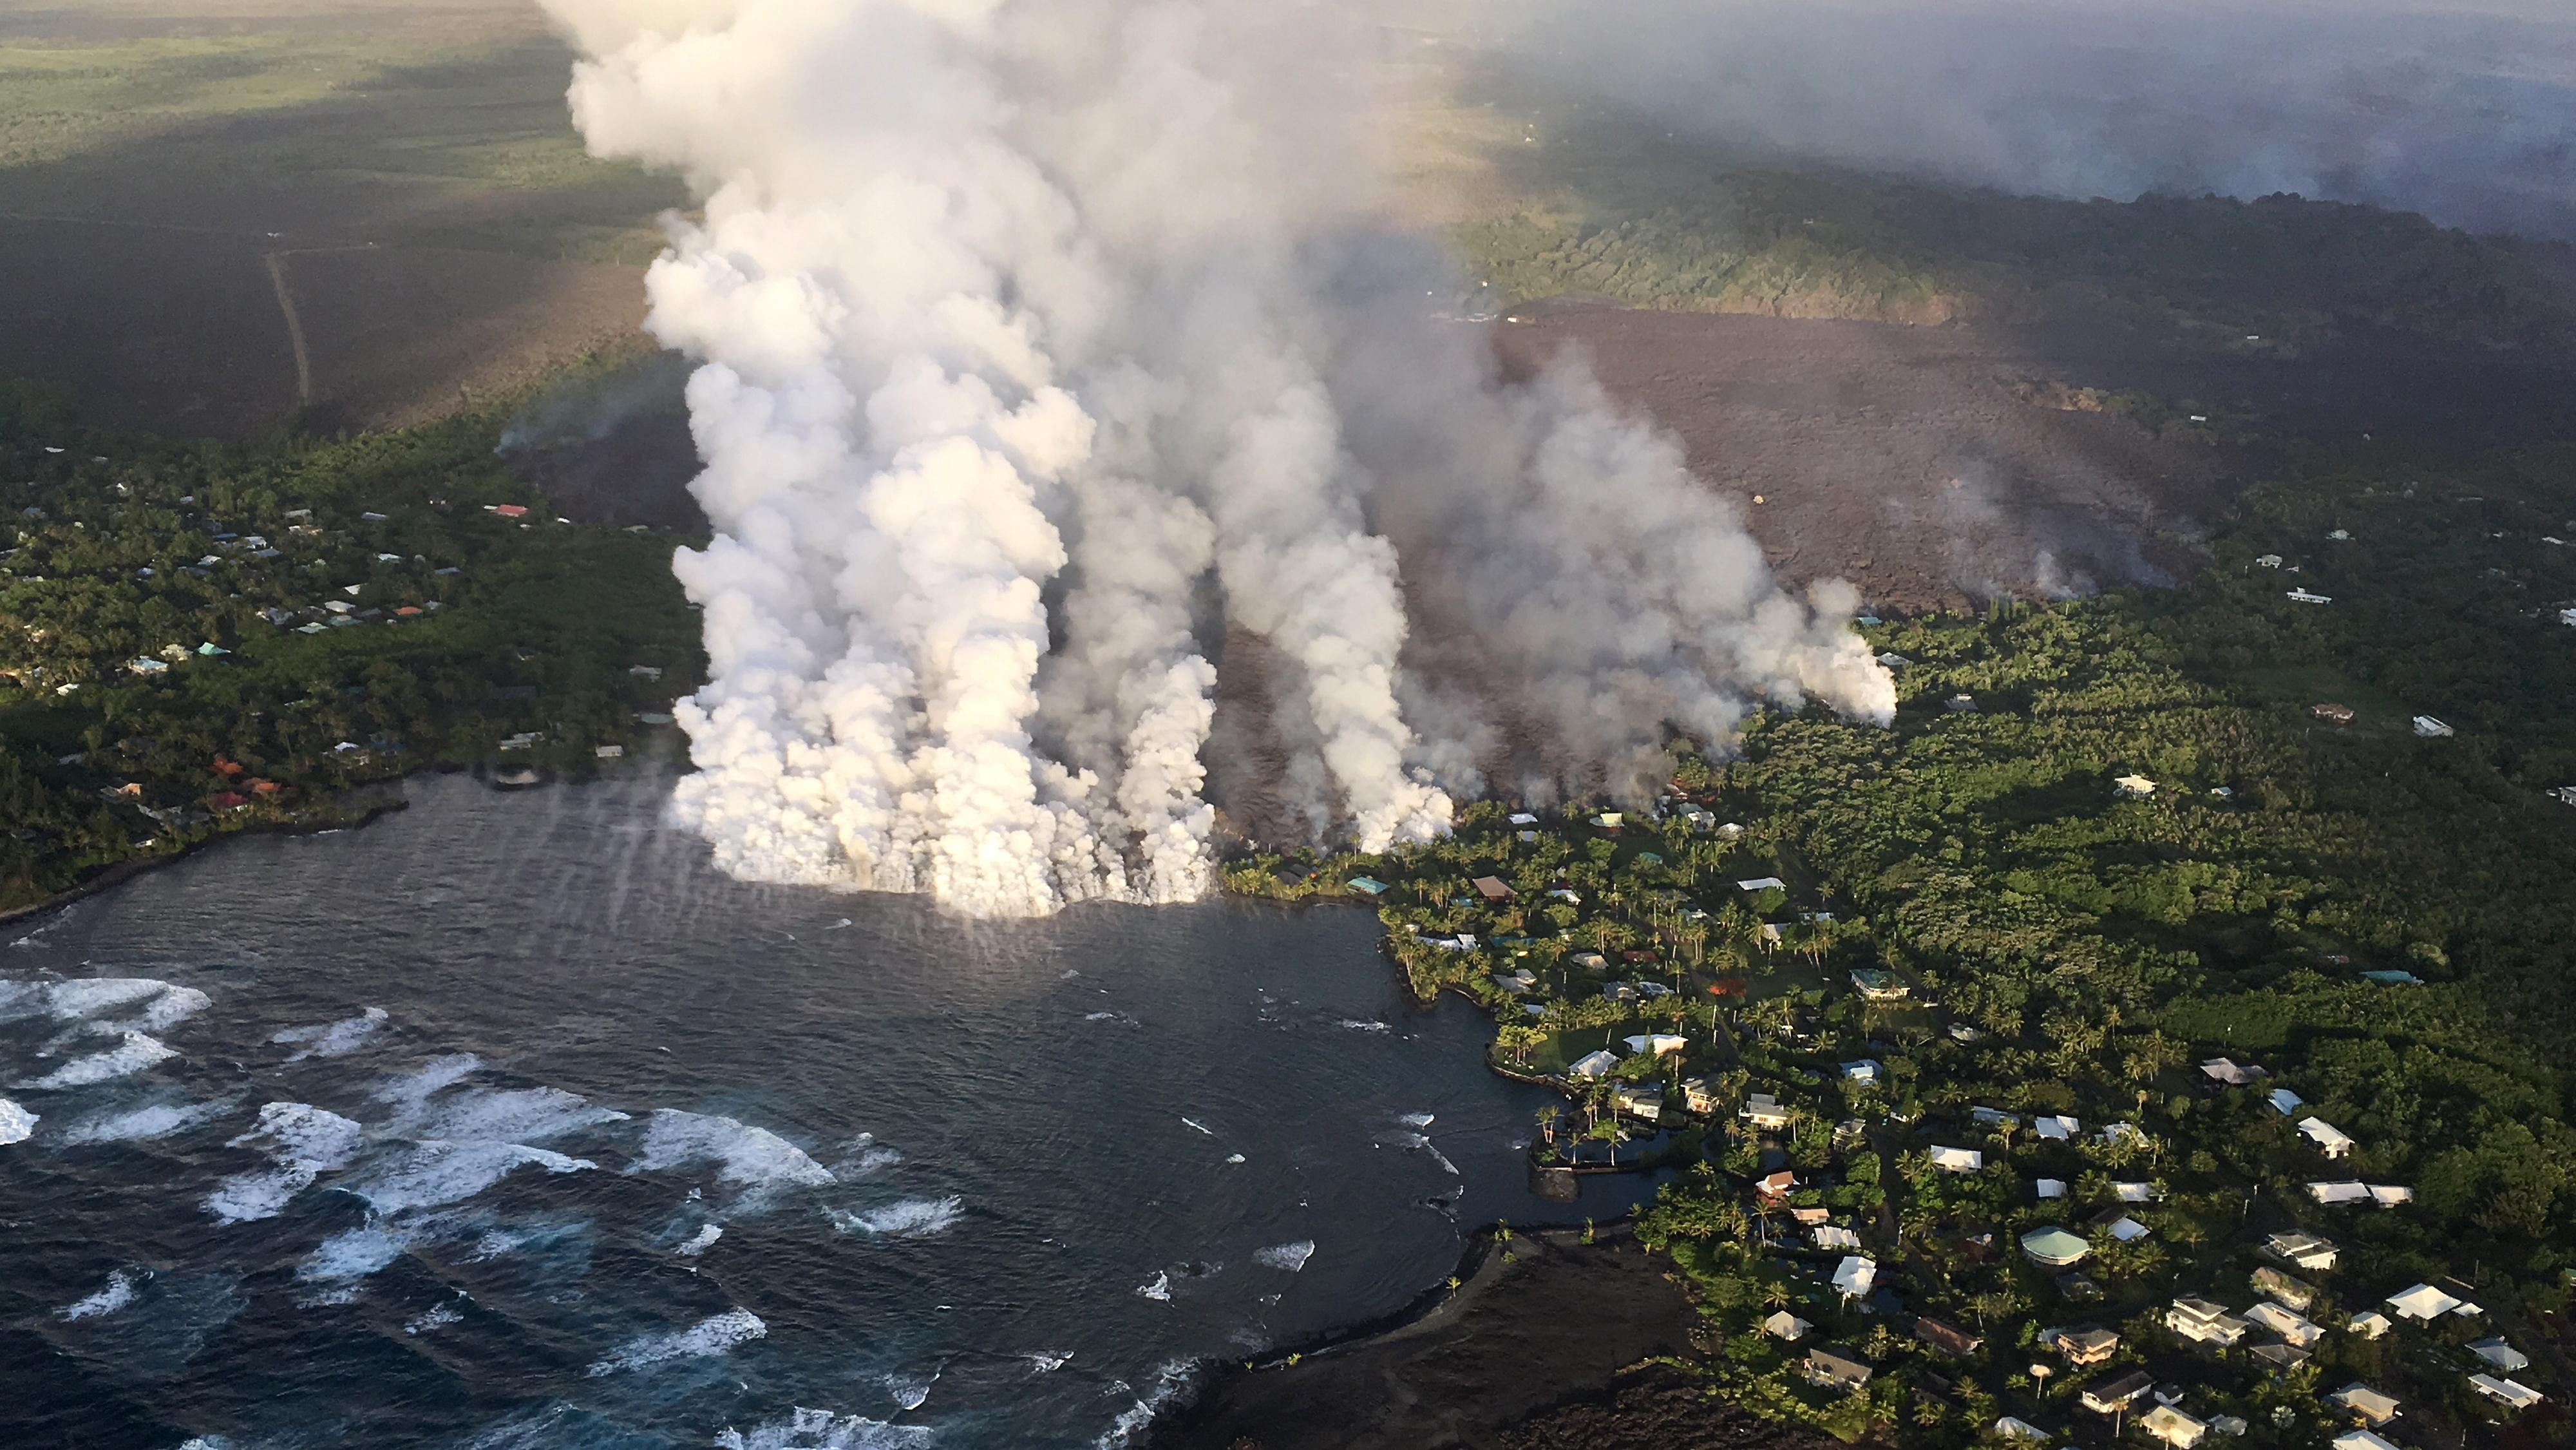 Vizet fedeztek fel Hawaii egyik vulkánjában, óriási robbanástól tartanak a kutatók